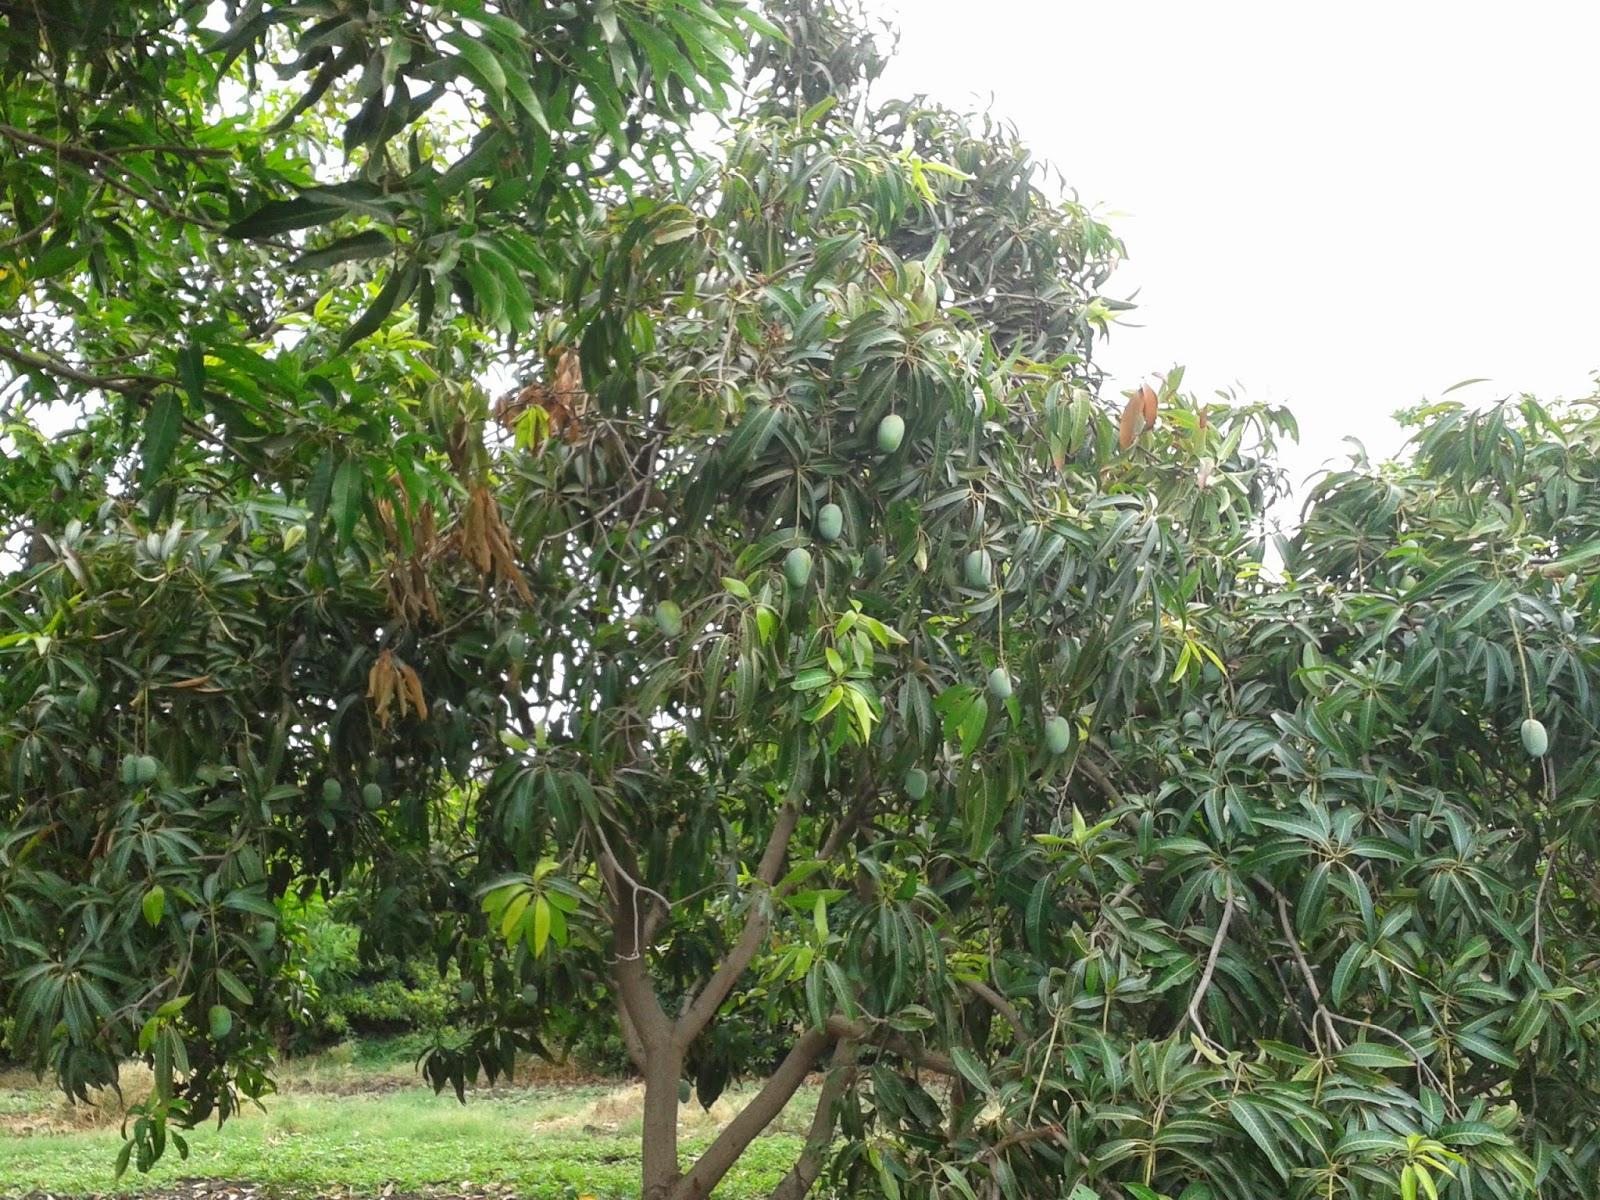 tree in marathi